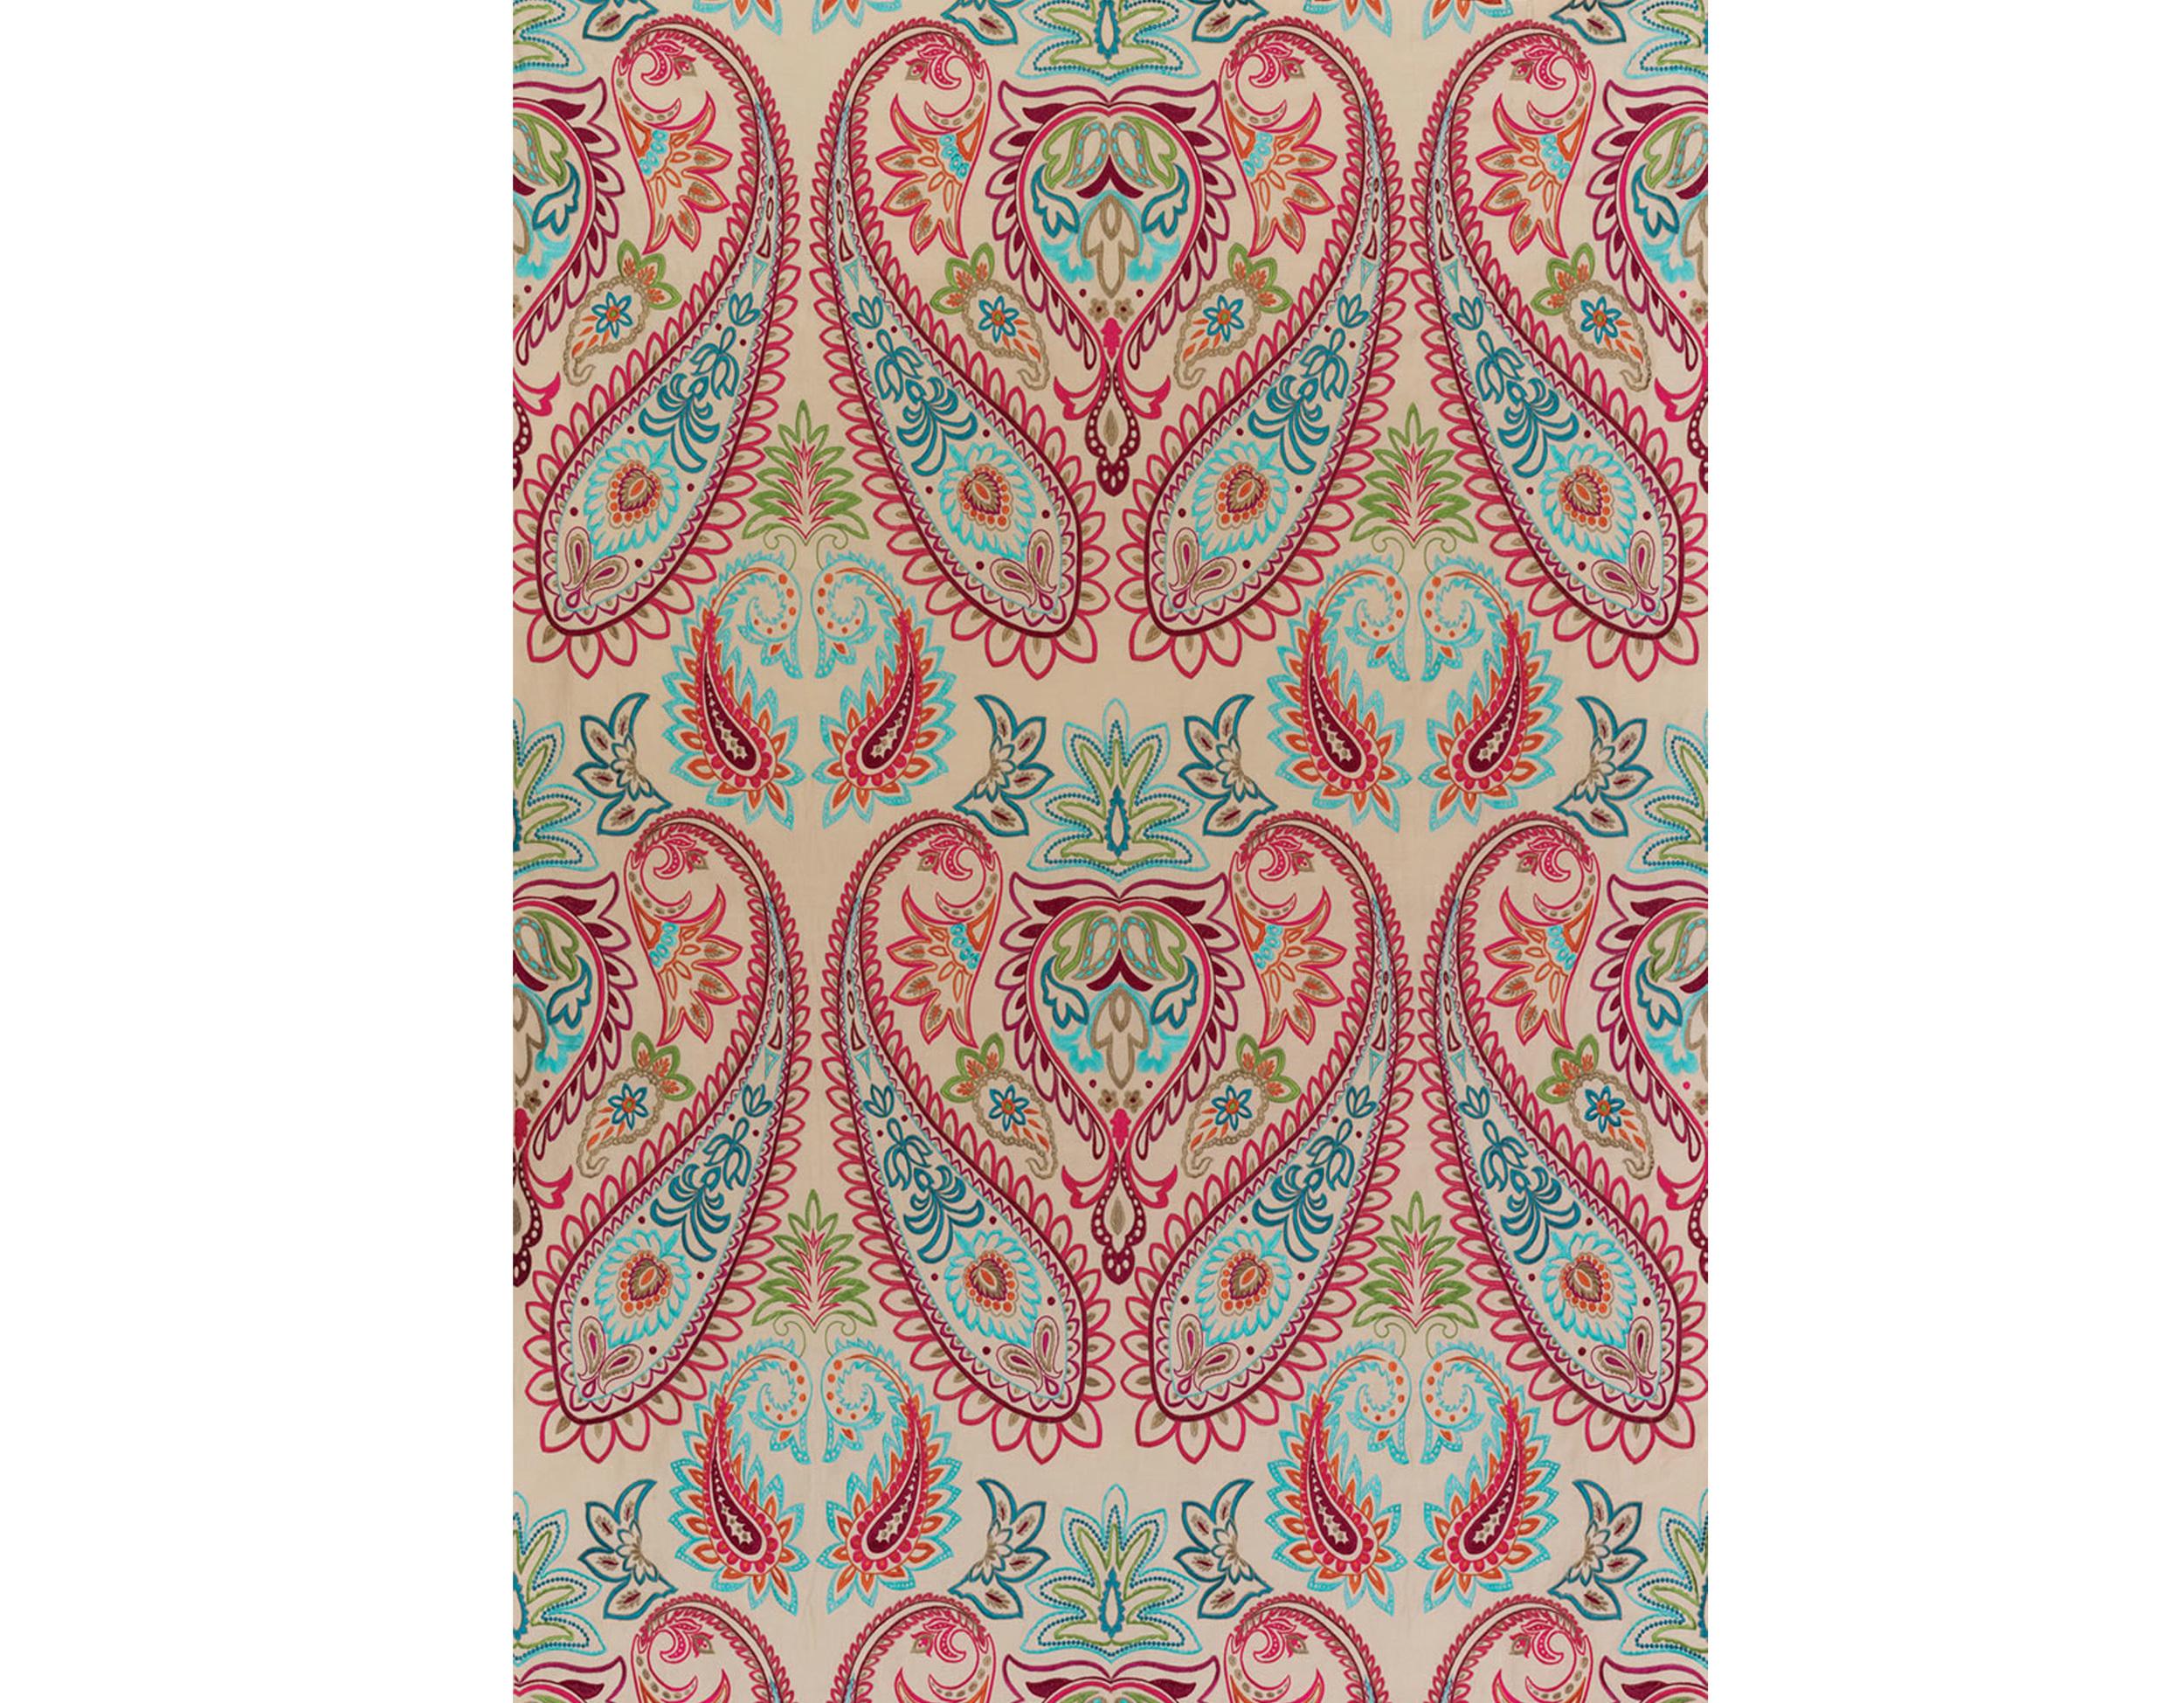 Nizam fabric -  Osborne & Little